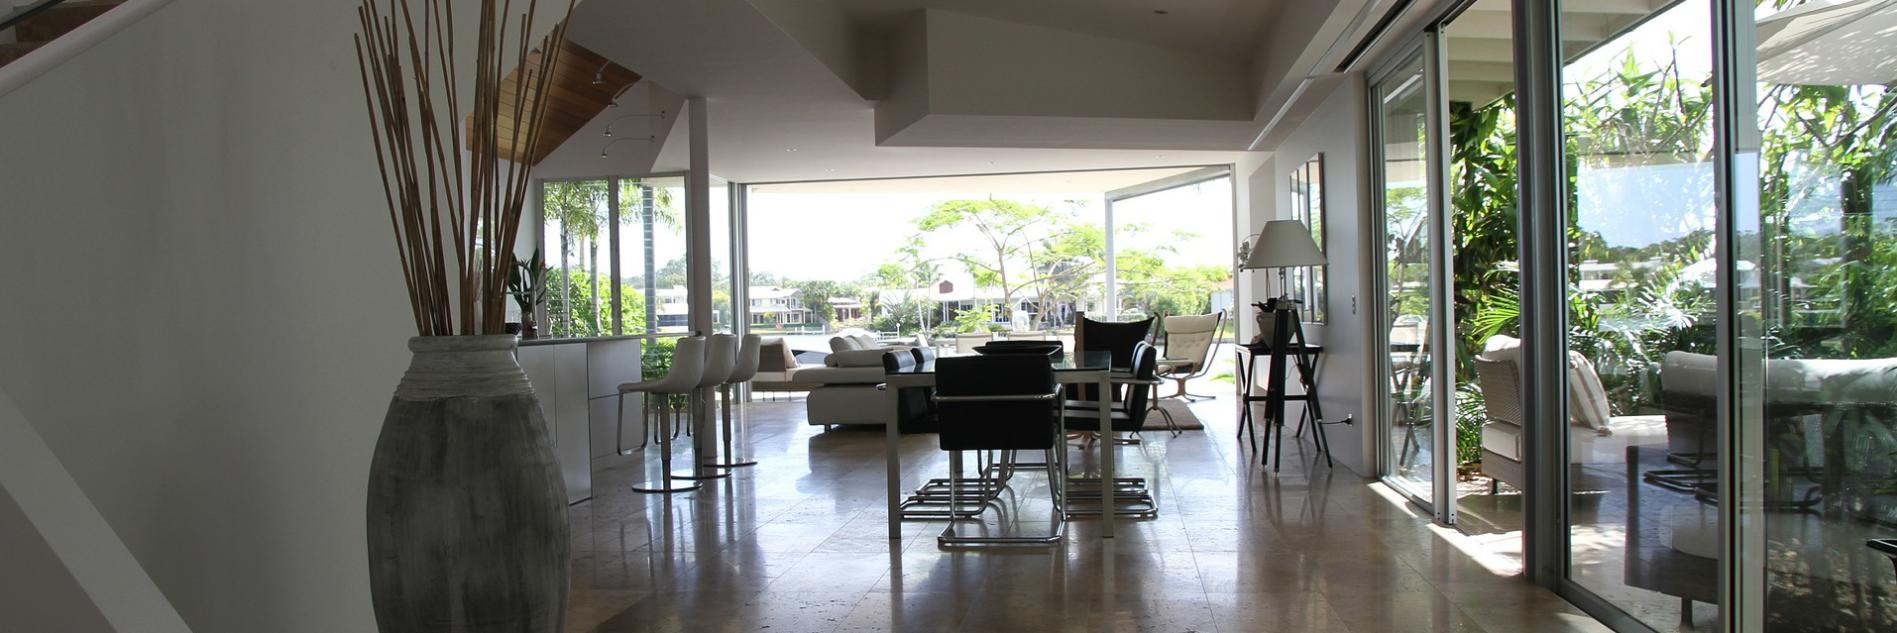 GS Immobilien - Verkauf & Vermietung